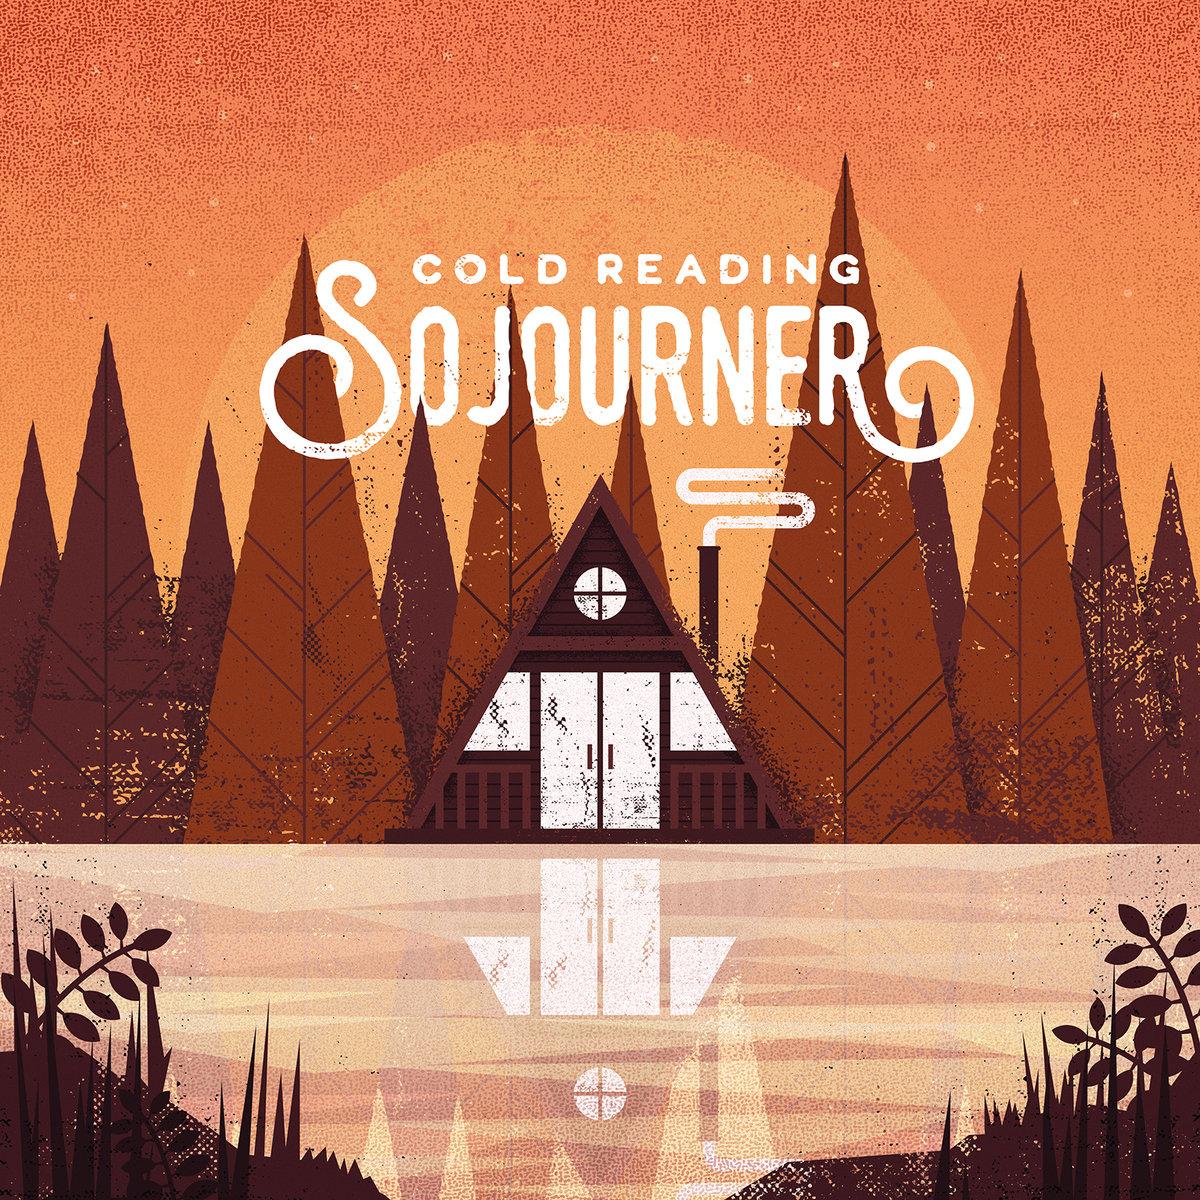 Cold Reading - Sojourner 12